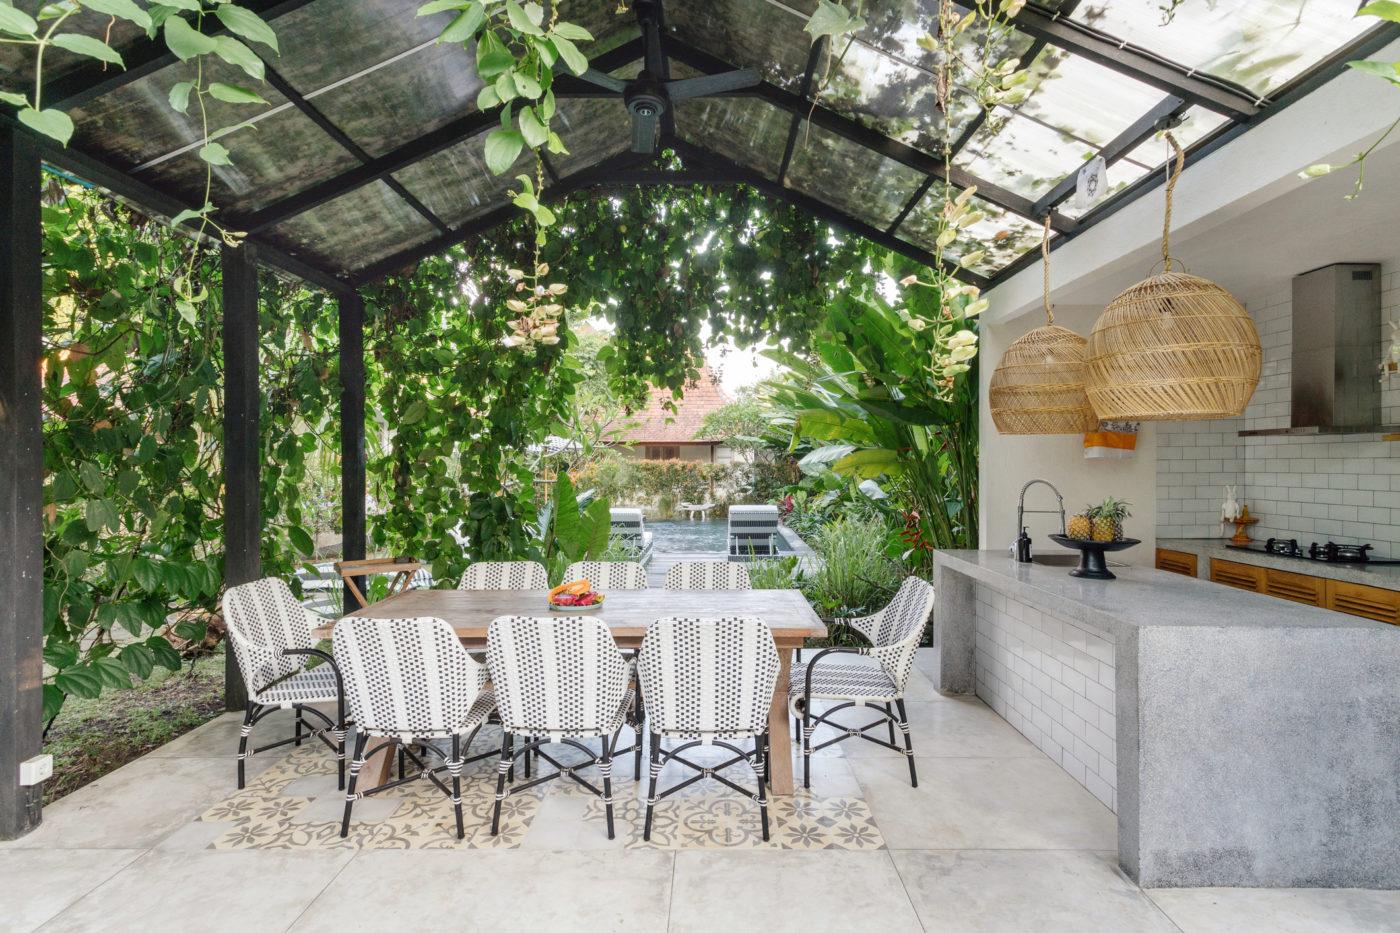 outdoor kitchen installer Pompano Beach